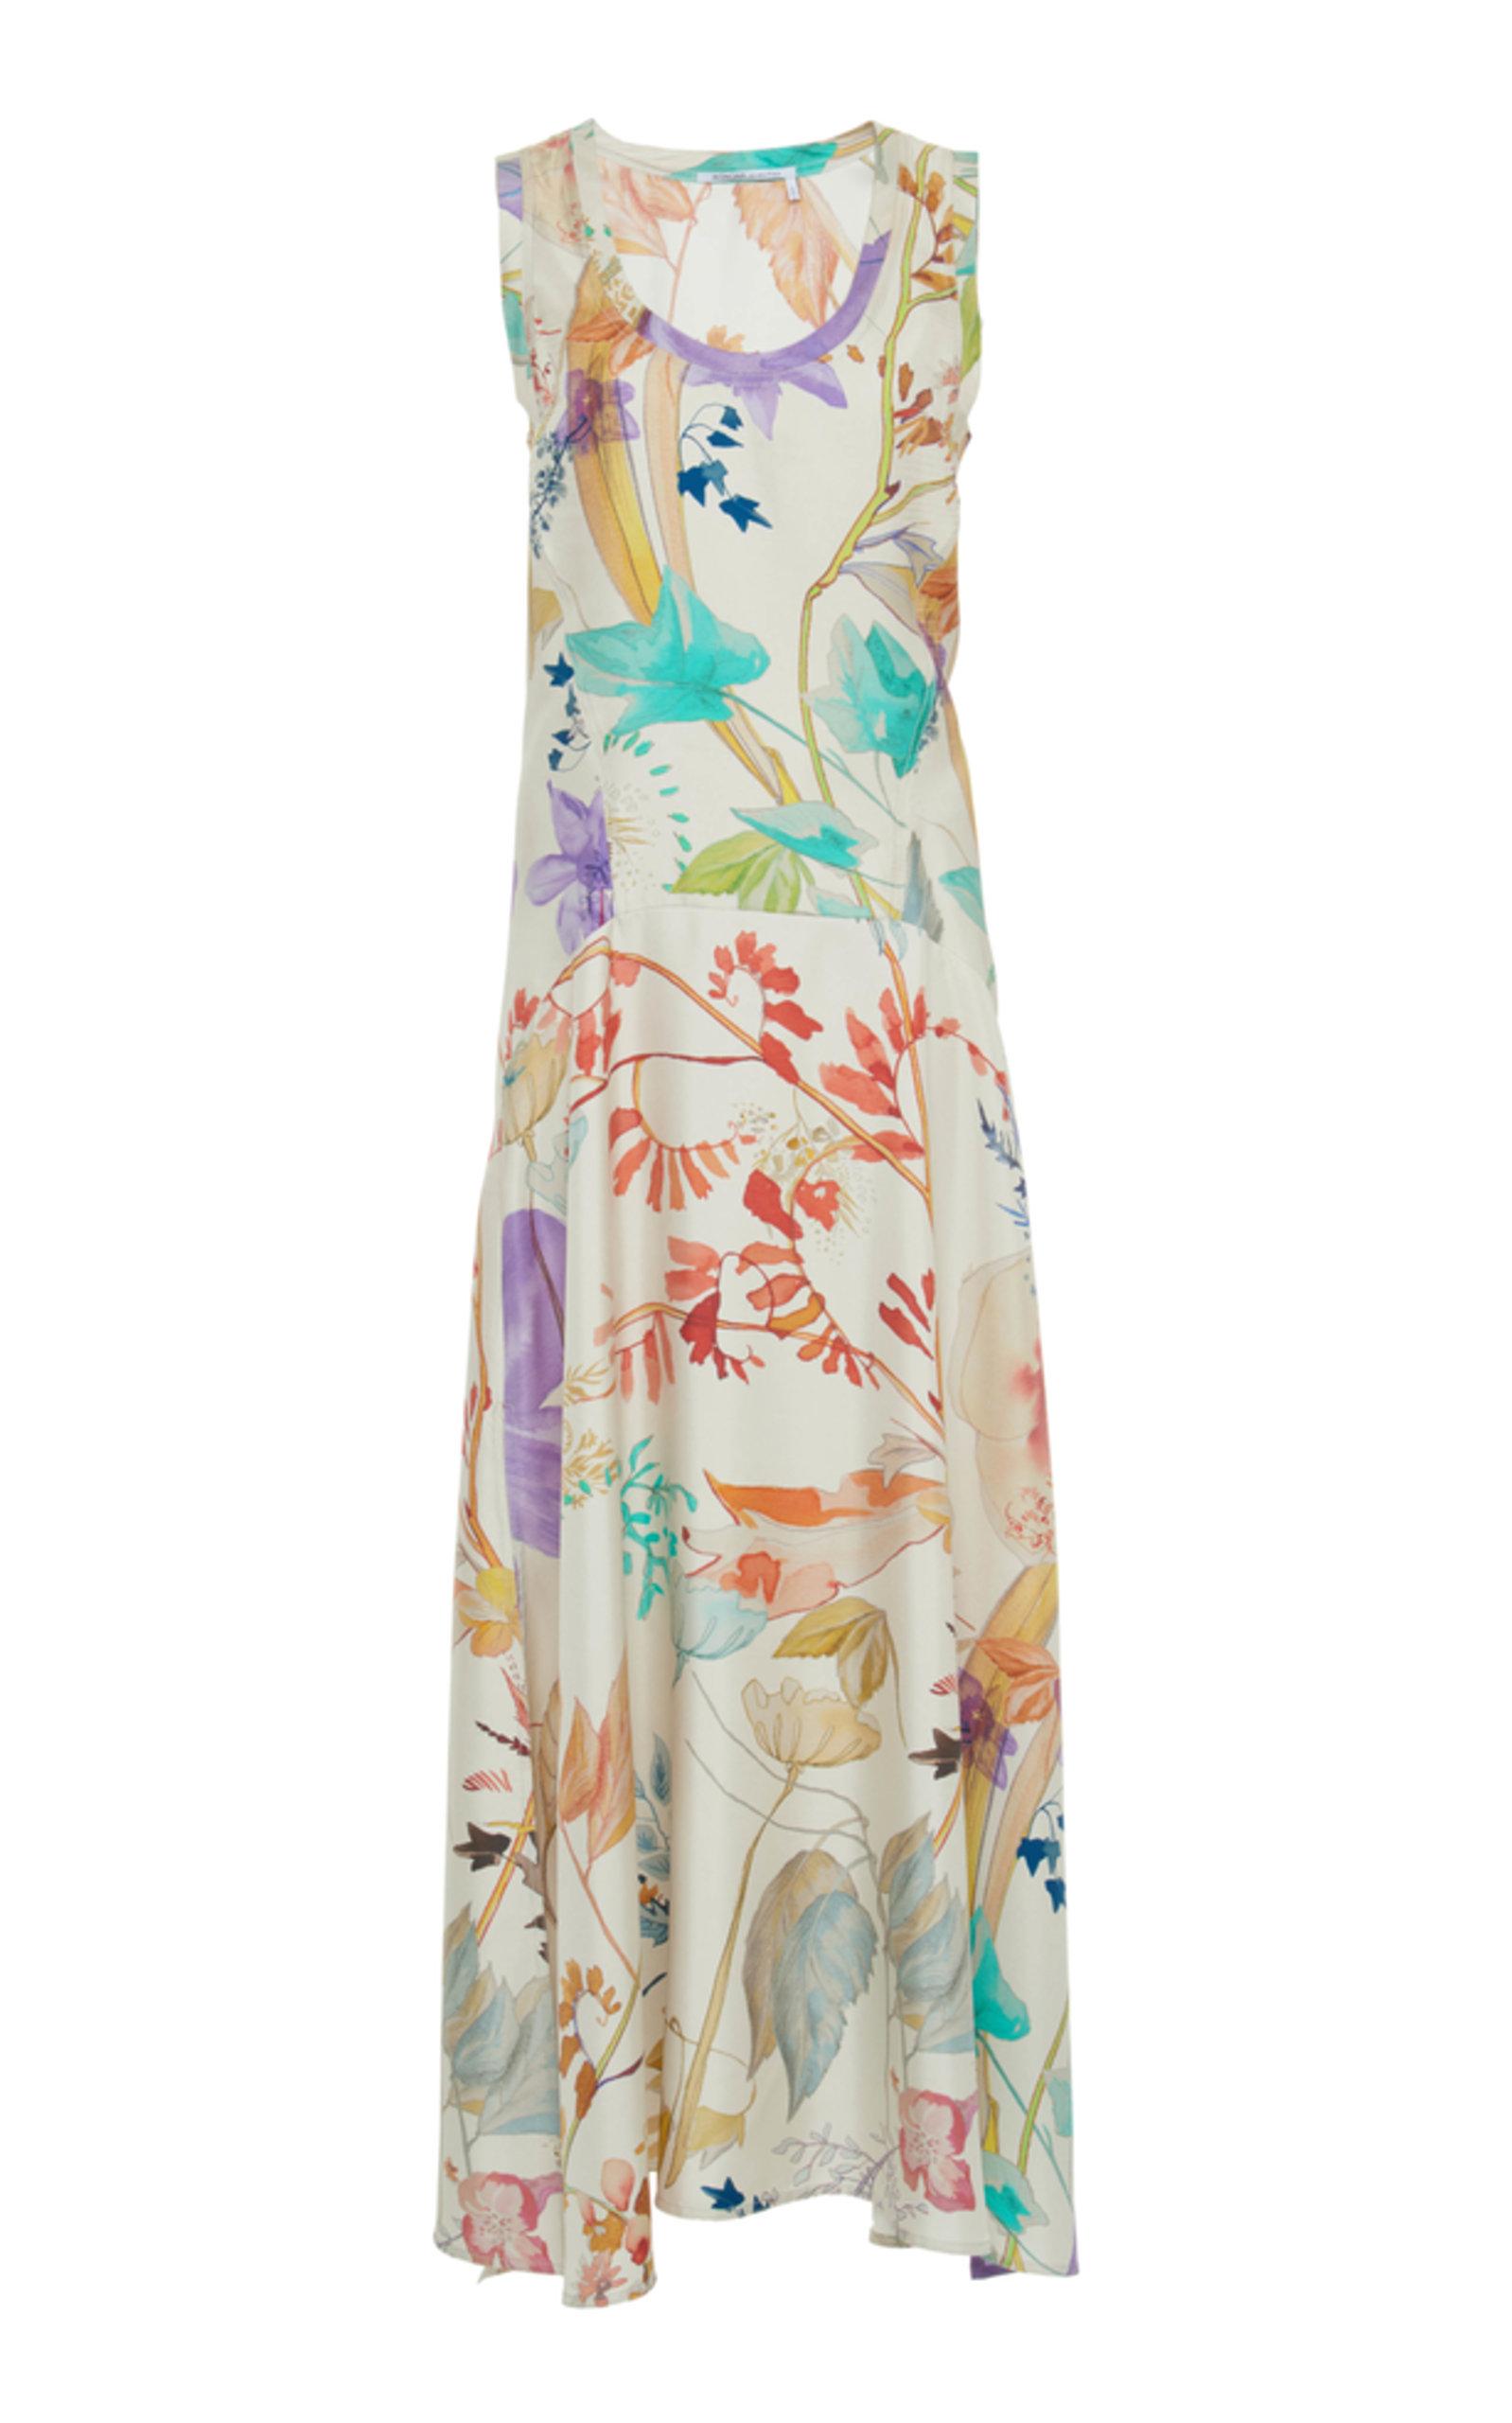 Floral Twill Tank Dress Agnona 16Uz0xgQj